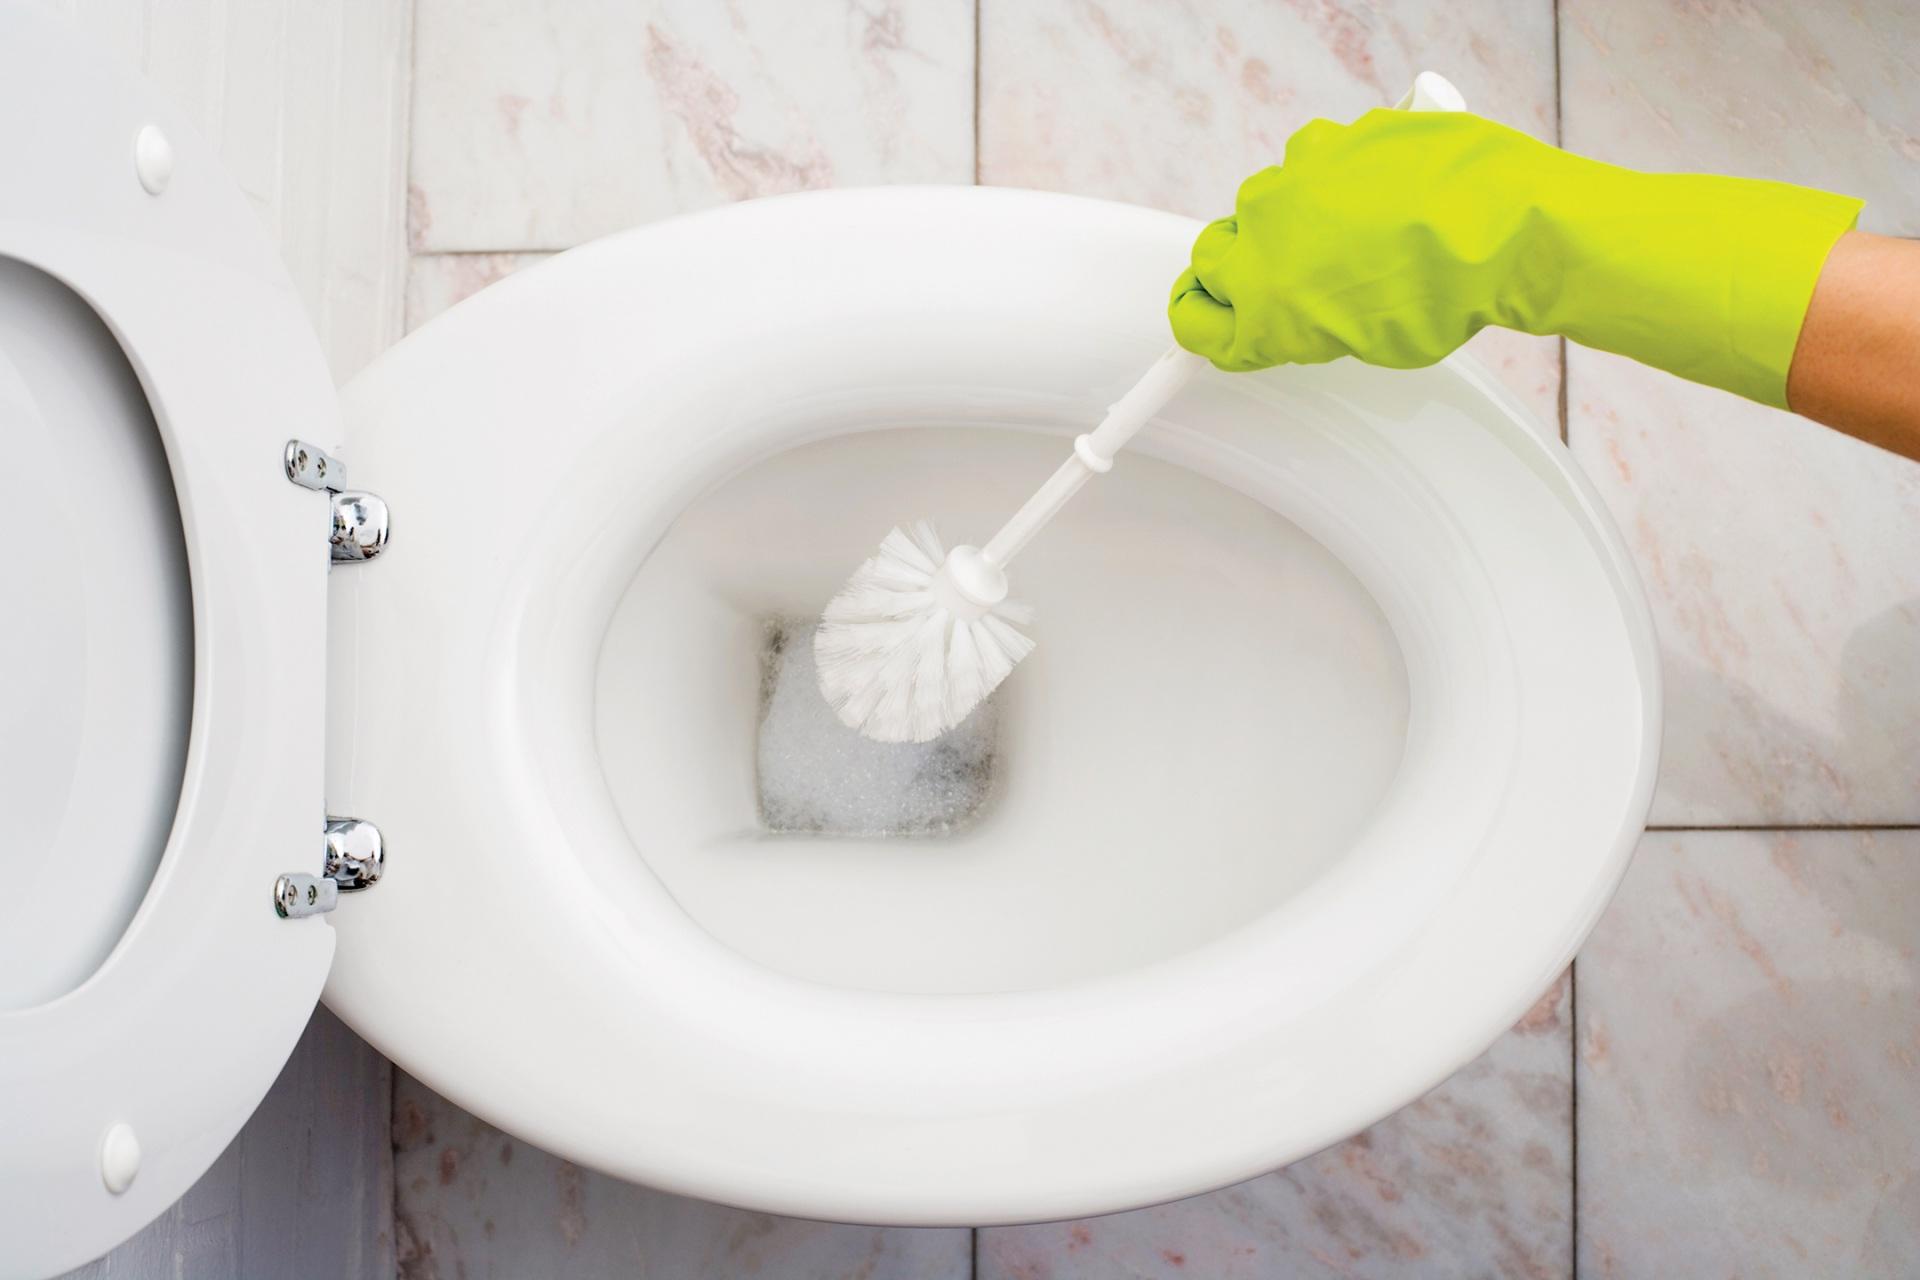 Ухтинский подросток украл в магазине зубную щетку и средство для мытья унитазов